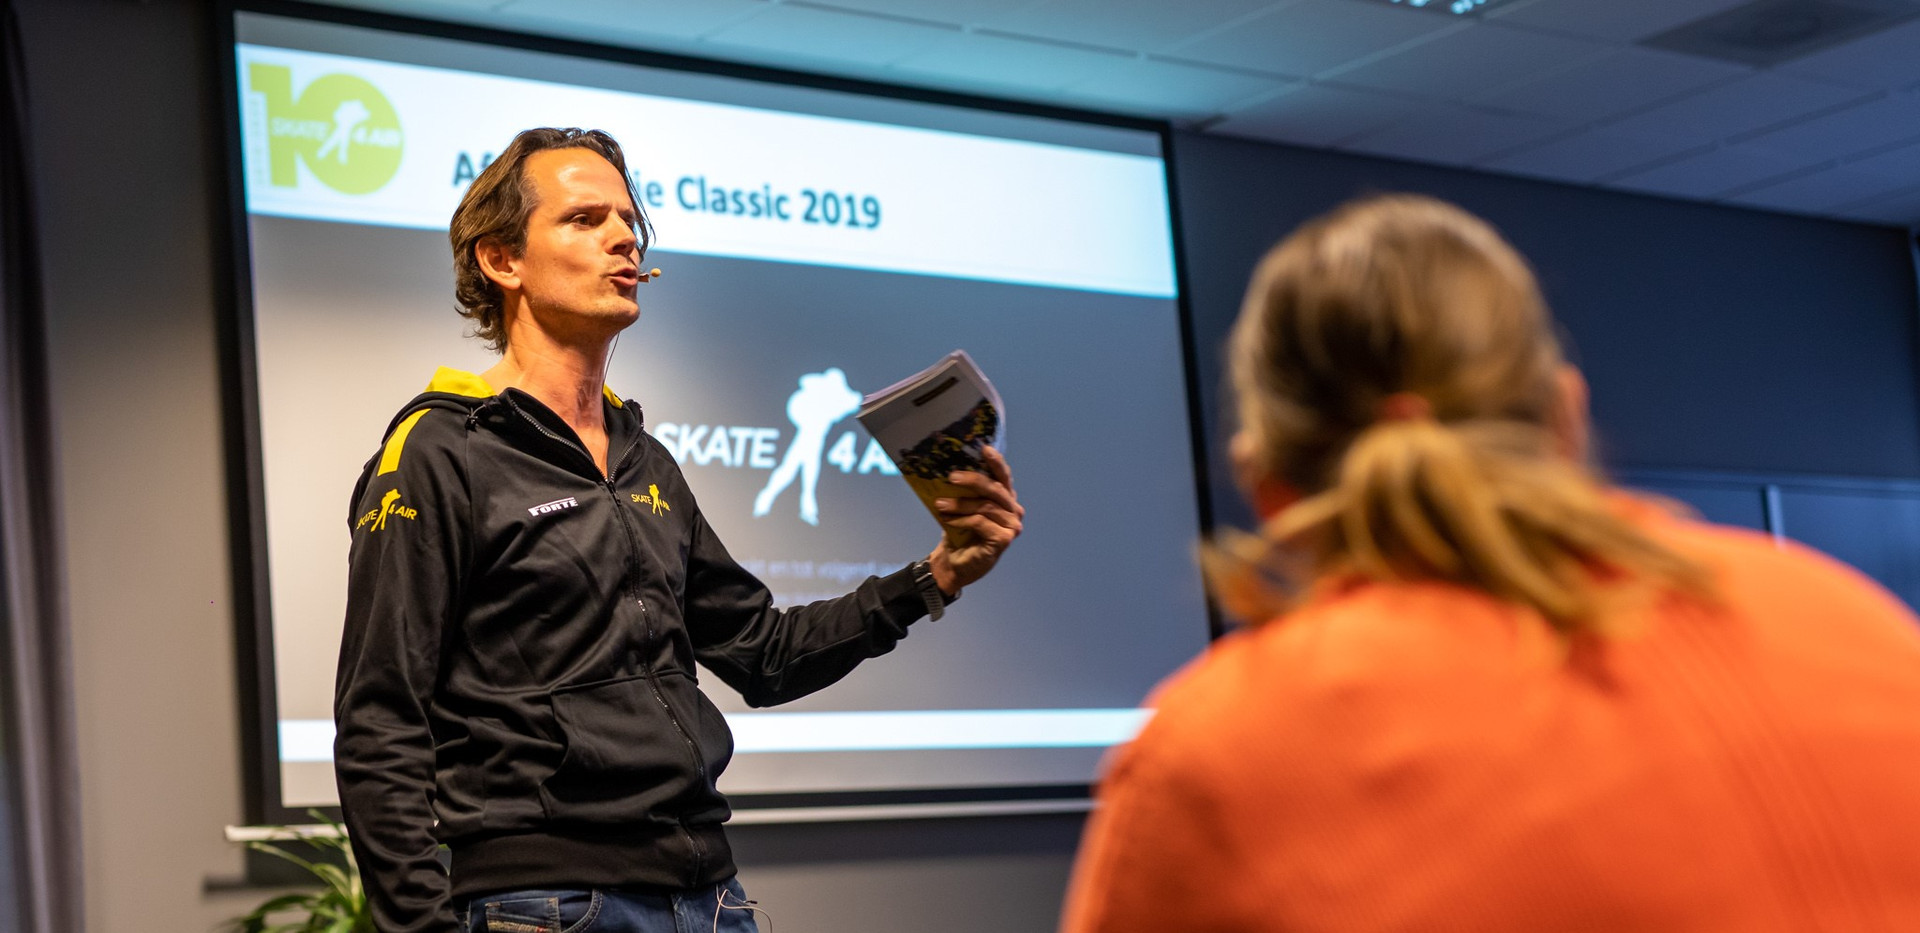 Skate4Air 2019